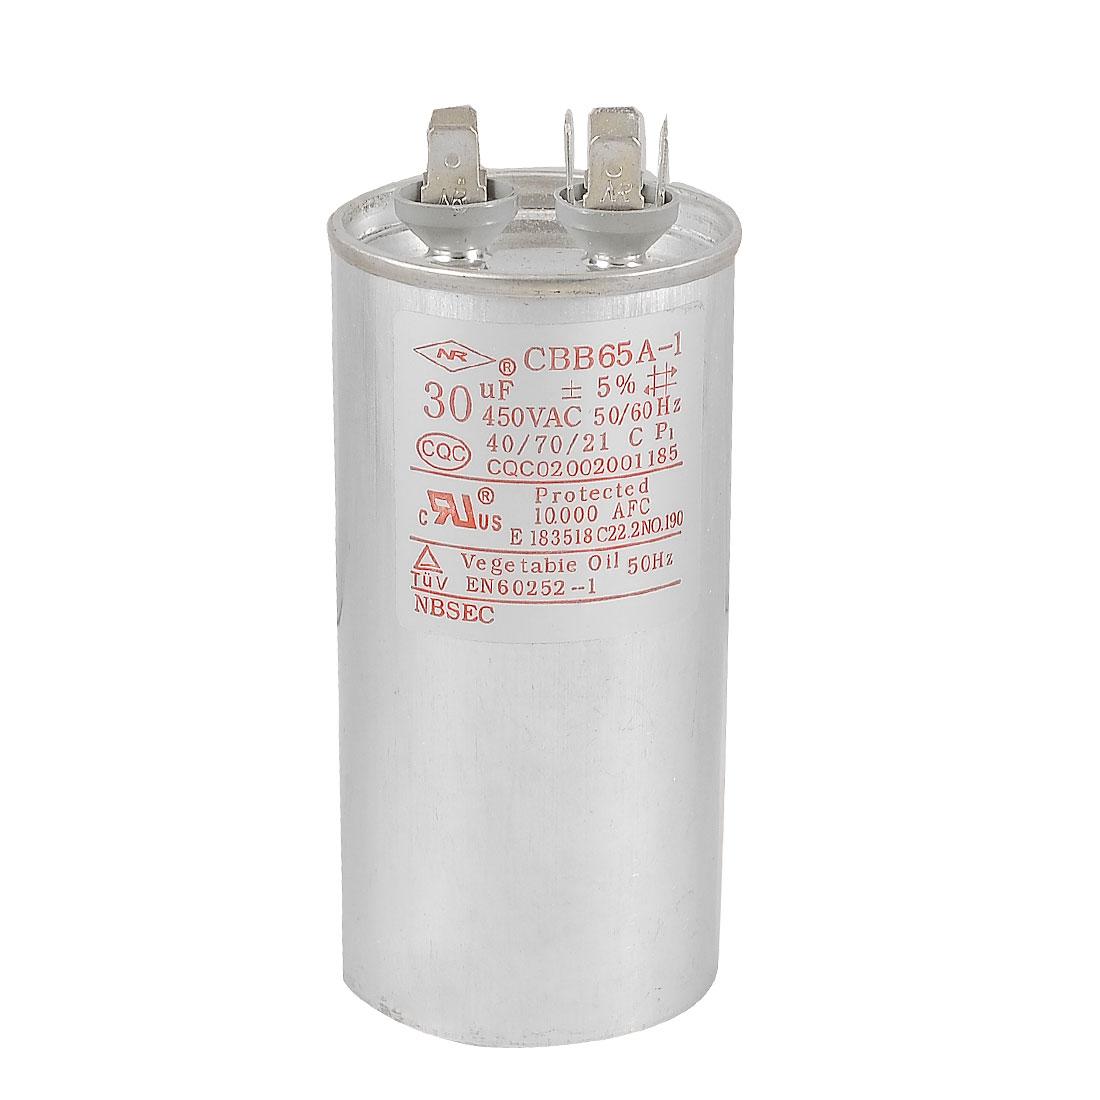 CBB65A-1 Air Conditioner Motor Run Capacitor 30uF 450VAC 50/60Hz